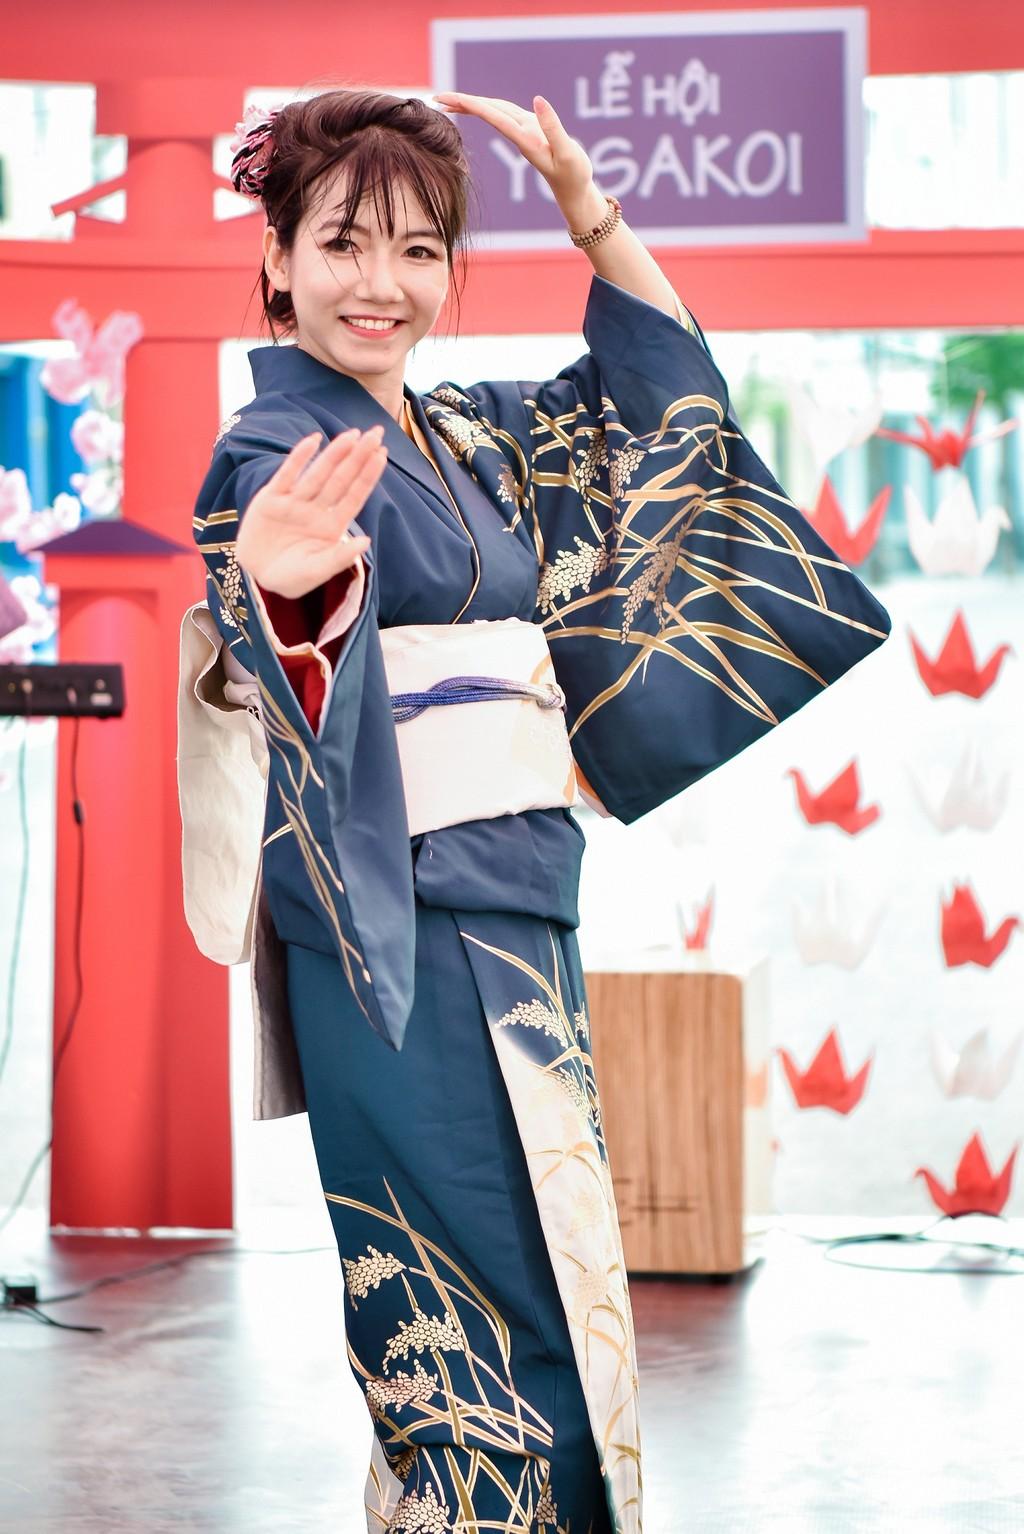 Lễ hội Yosakoi: Dấu ấn Nhật Bản bên vịnh Hạ Long - ảnh 5